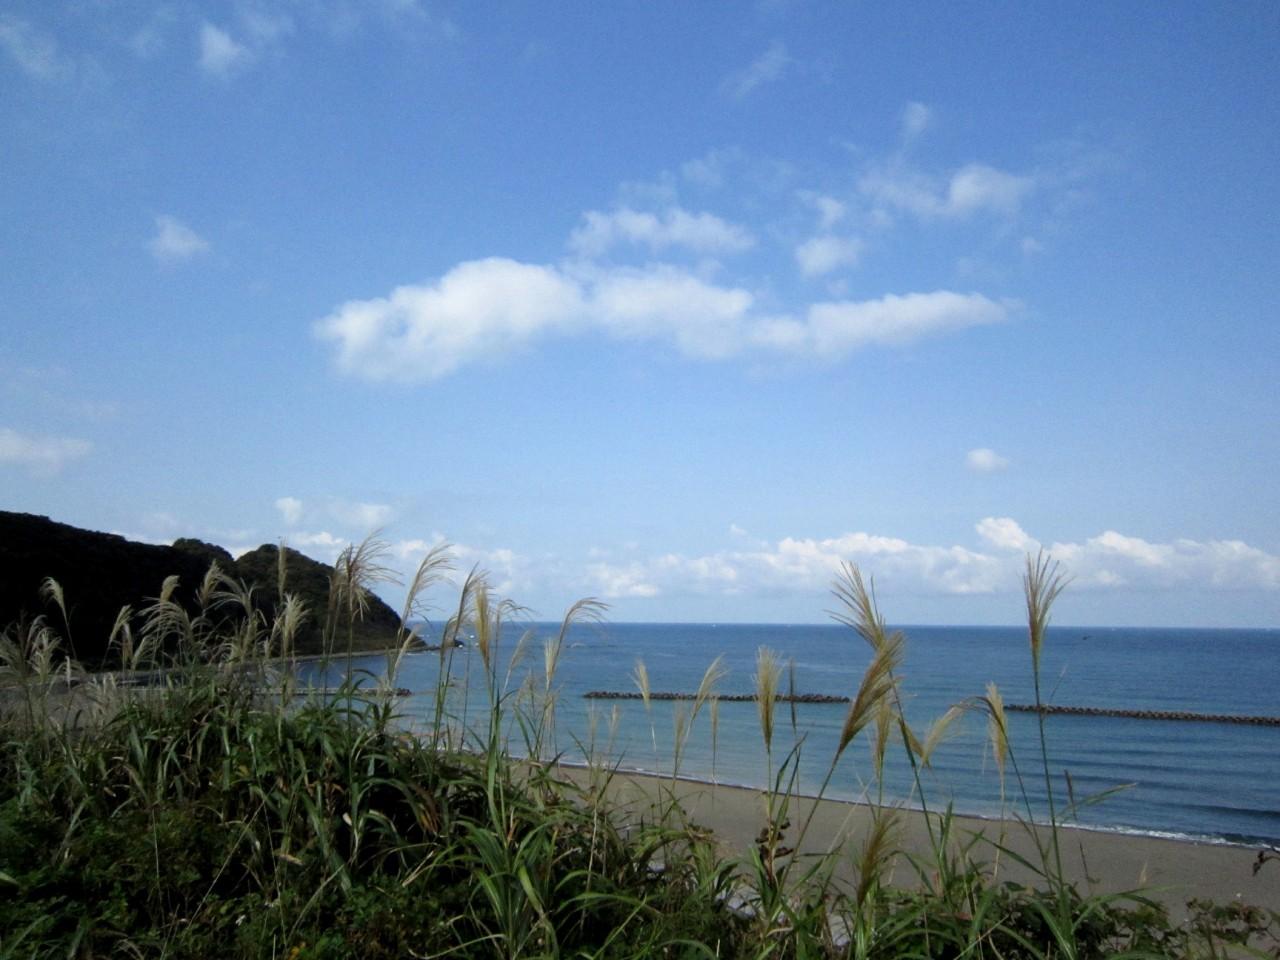 青森 風景 秋 津軽 中泊町 道の駅こどまり 展望広場 海 浜辺